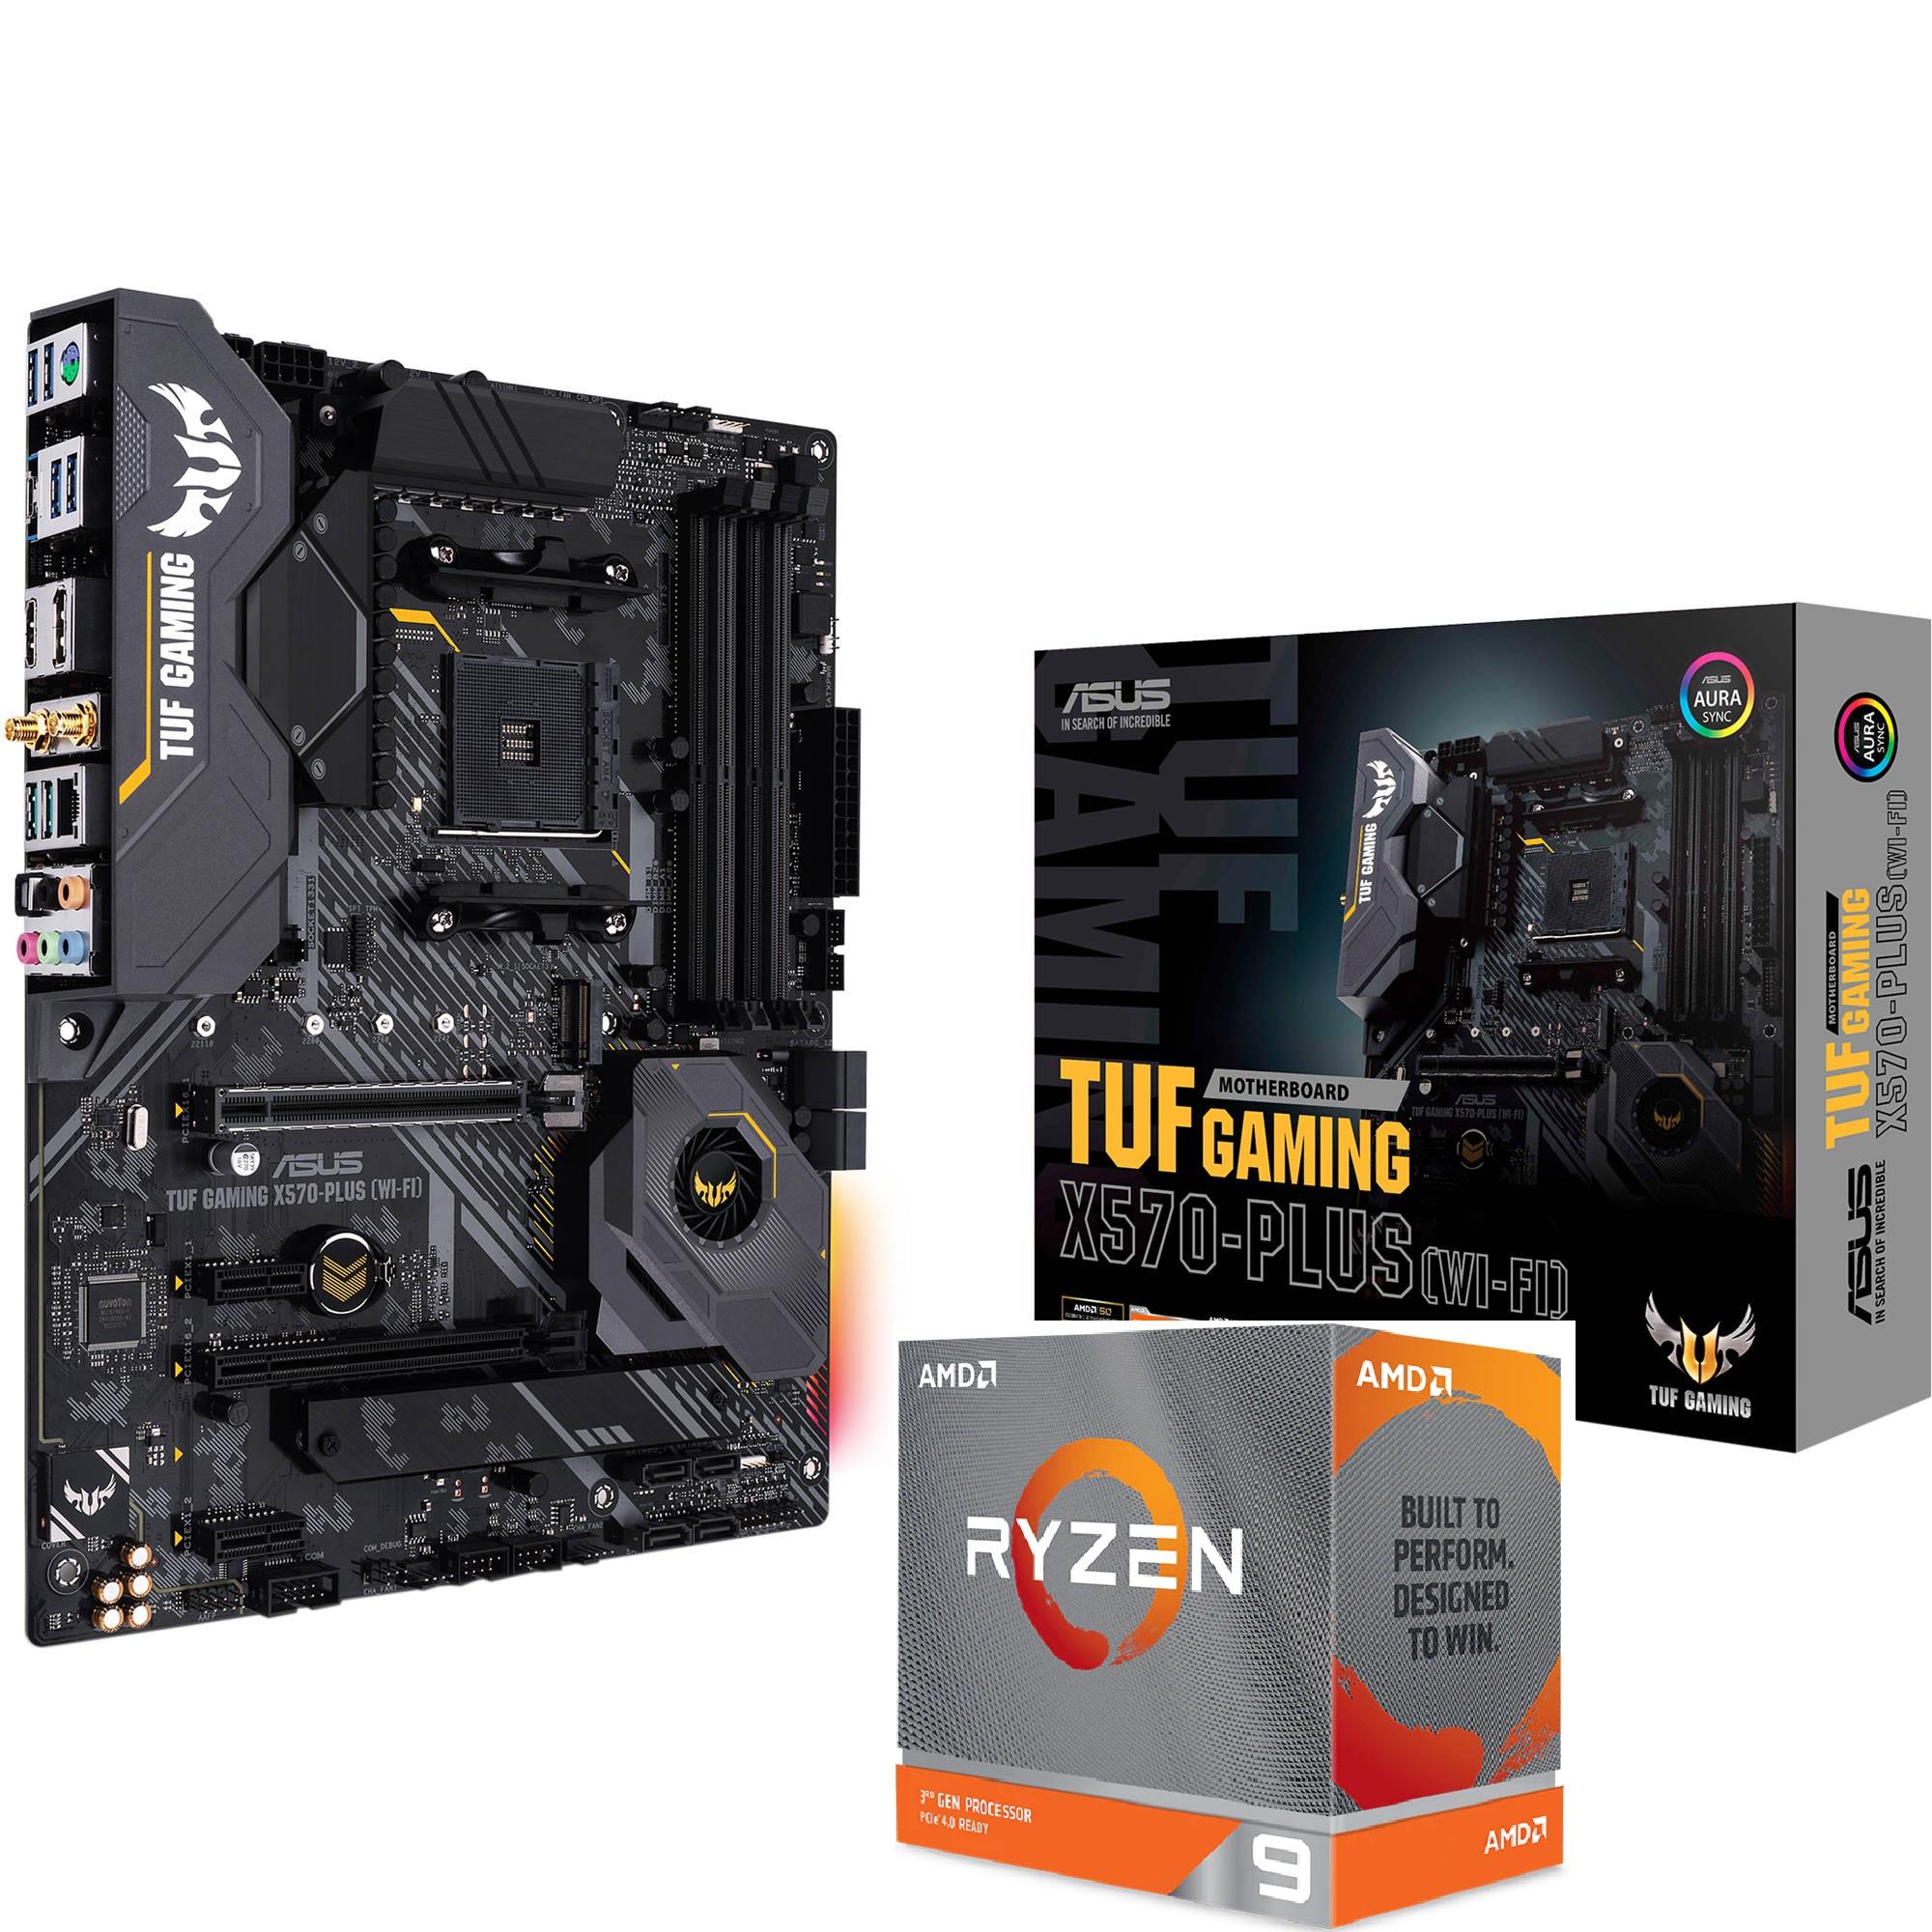 Kit Processeur AMD Ryzen 9 3950X + Carte mère Asus TUF Gaming X570-Plus WIFI (Livraison incluse)